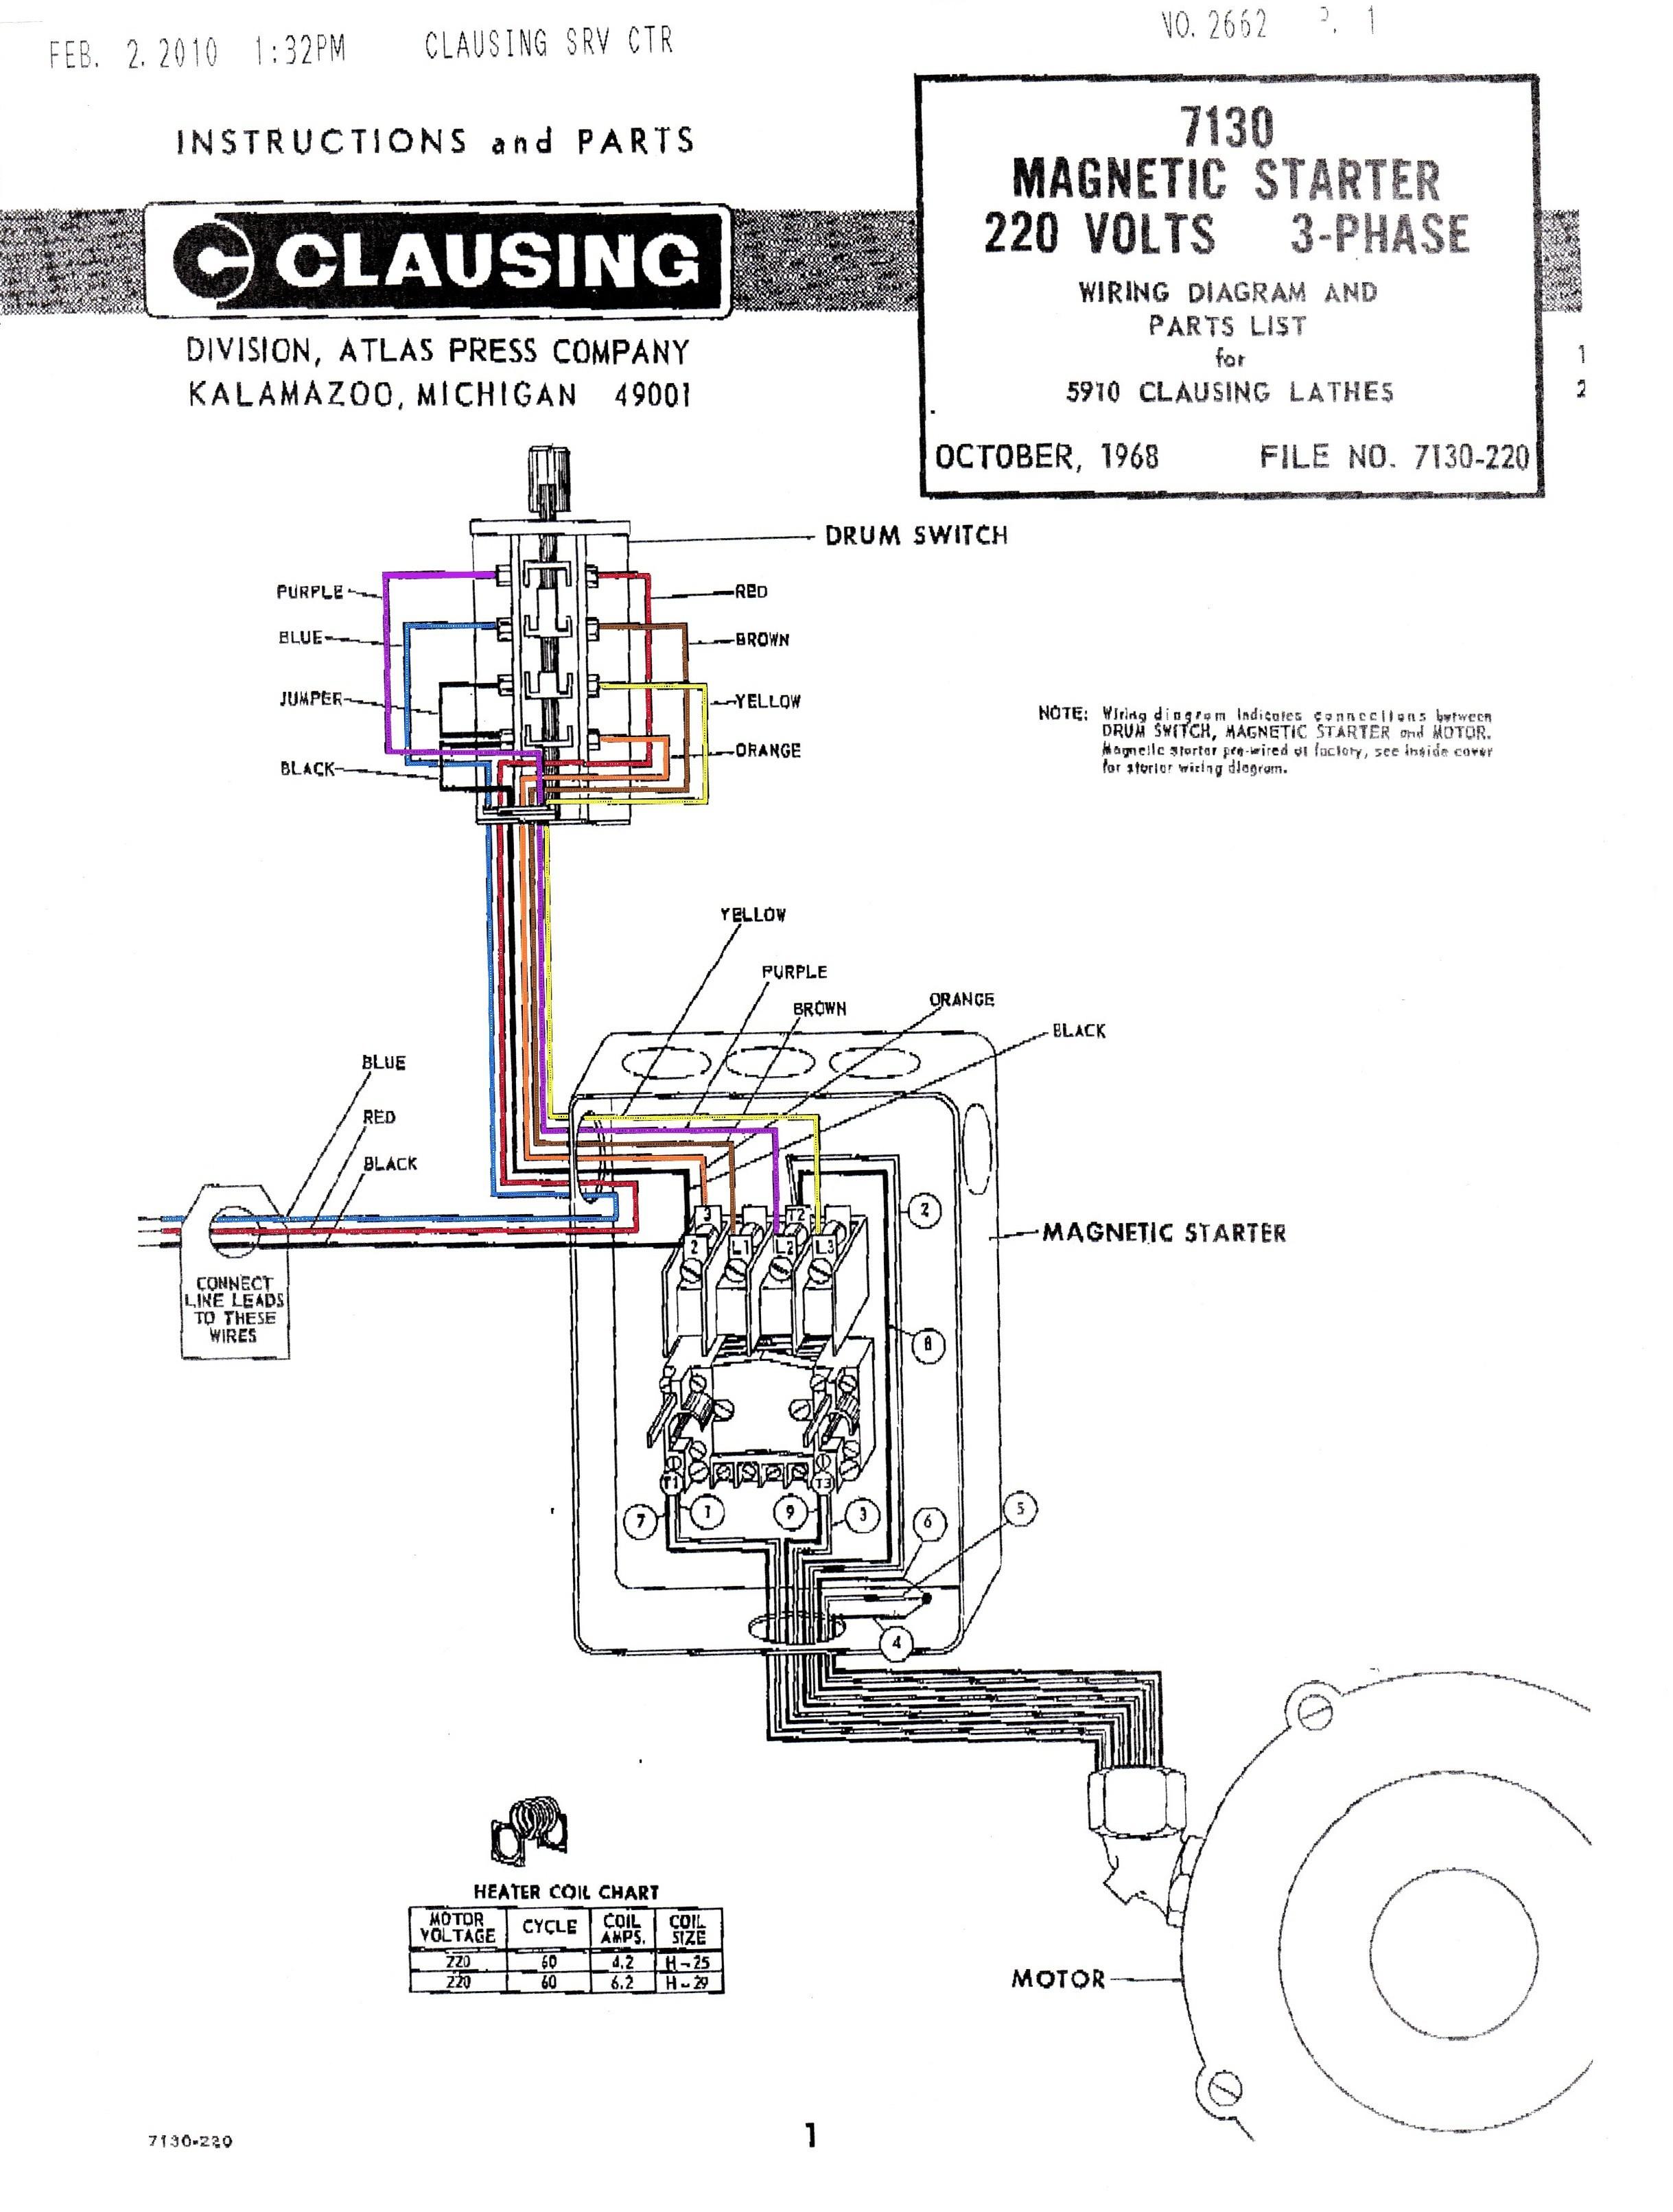 Cutler Hammer Starter Wiring Diagram Best Square D Motor Starter Wiring Diagram Gallery Everything You Of Cutler Hammer Starter Wiring Diagram